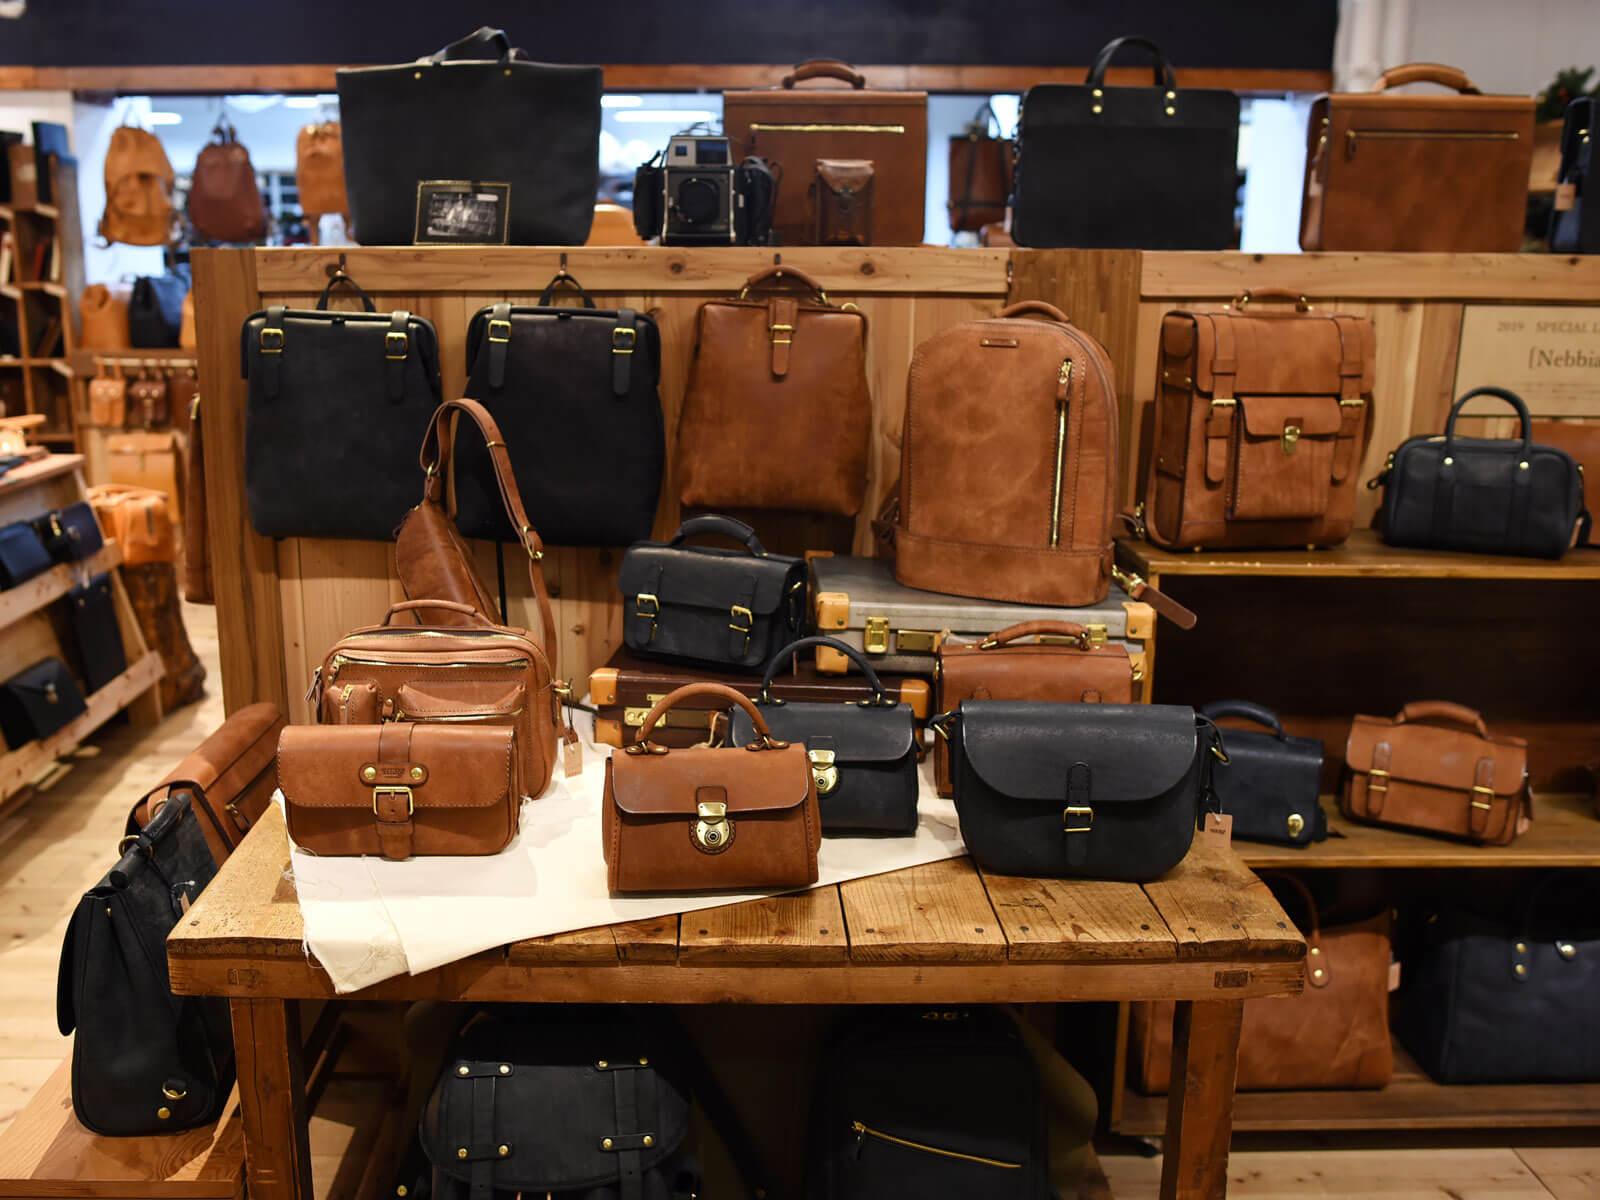 本店がお勧めする冬の特別革【ネビア】のバッグ